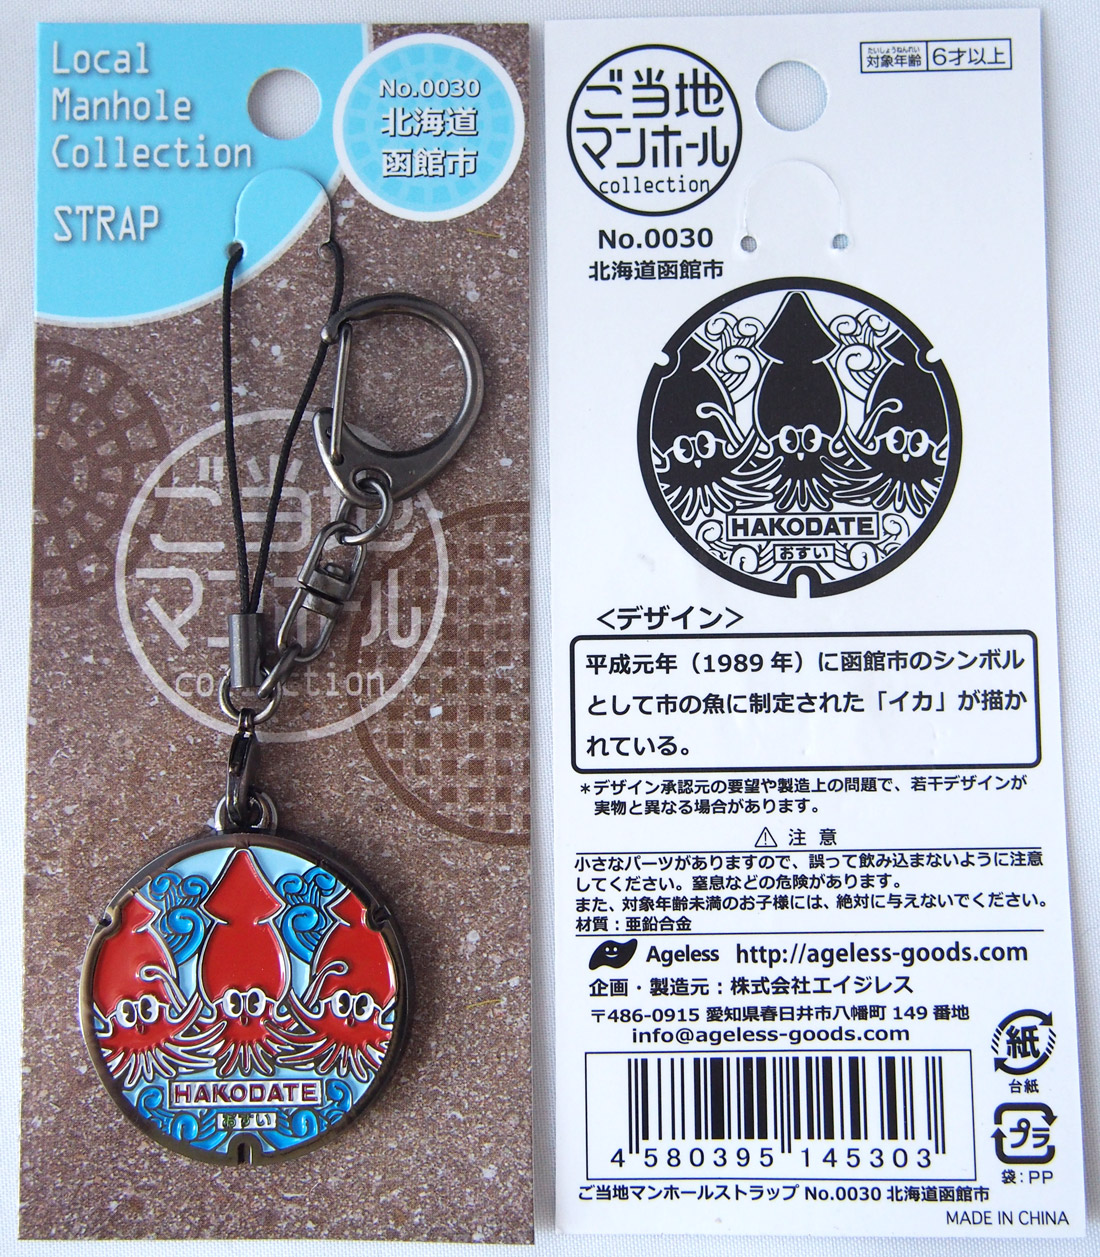 ご当地マンホールストラップ No.0030北海道函館市【メール便可能】